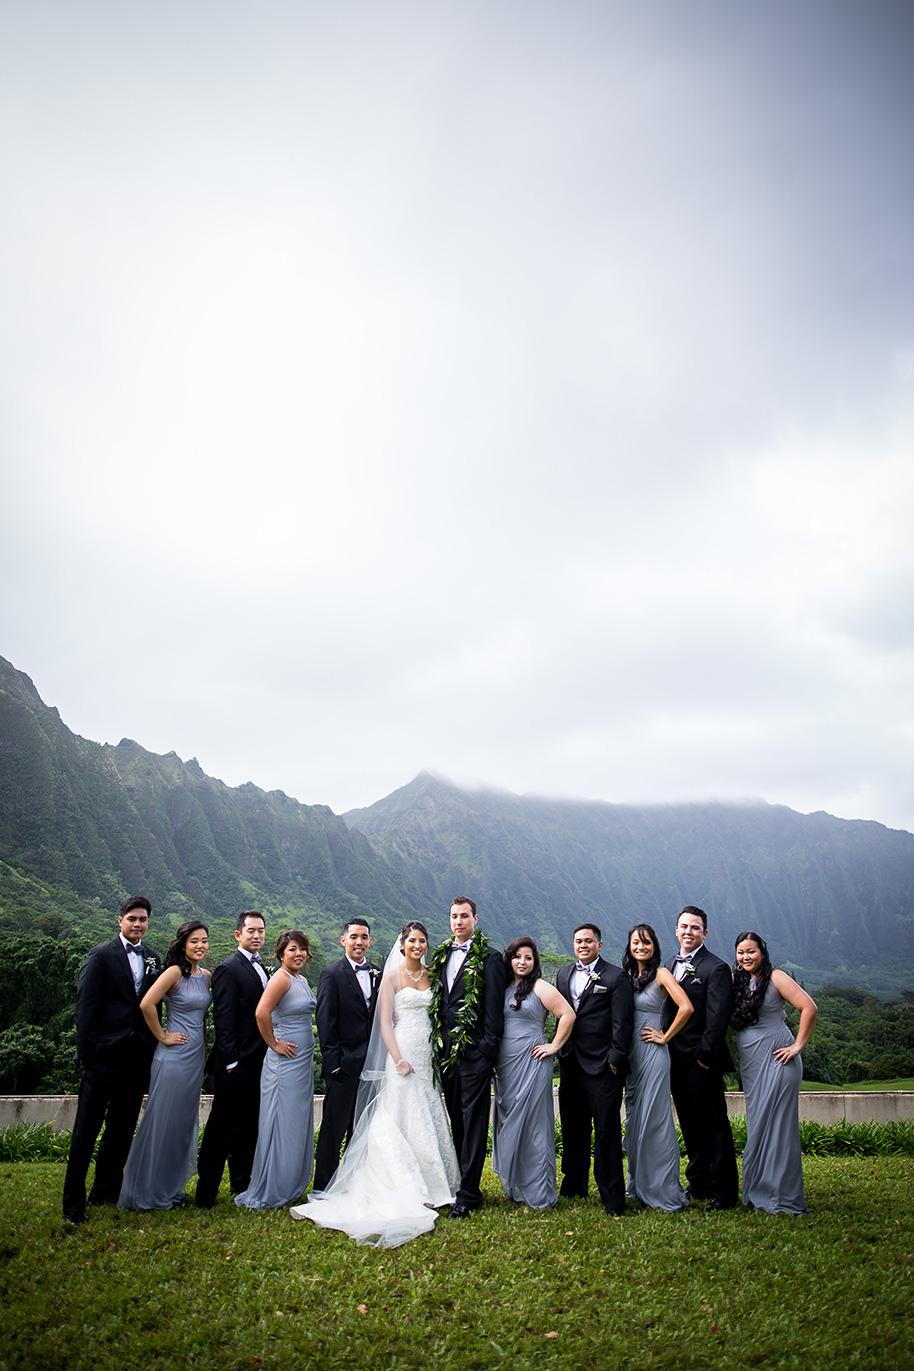 Koolau-Ballrooms-Wedding-041116-9.jpg